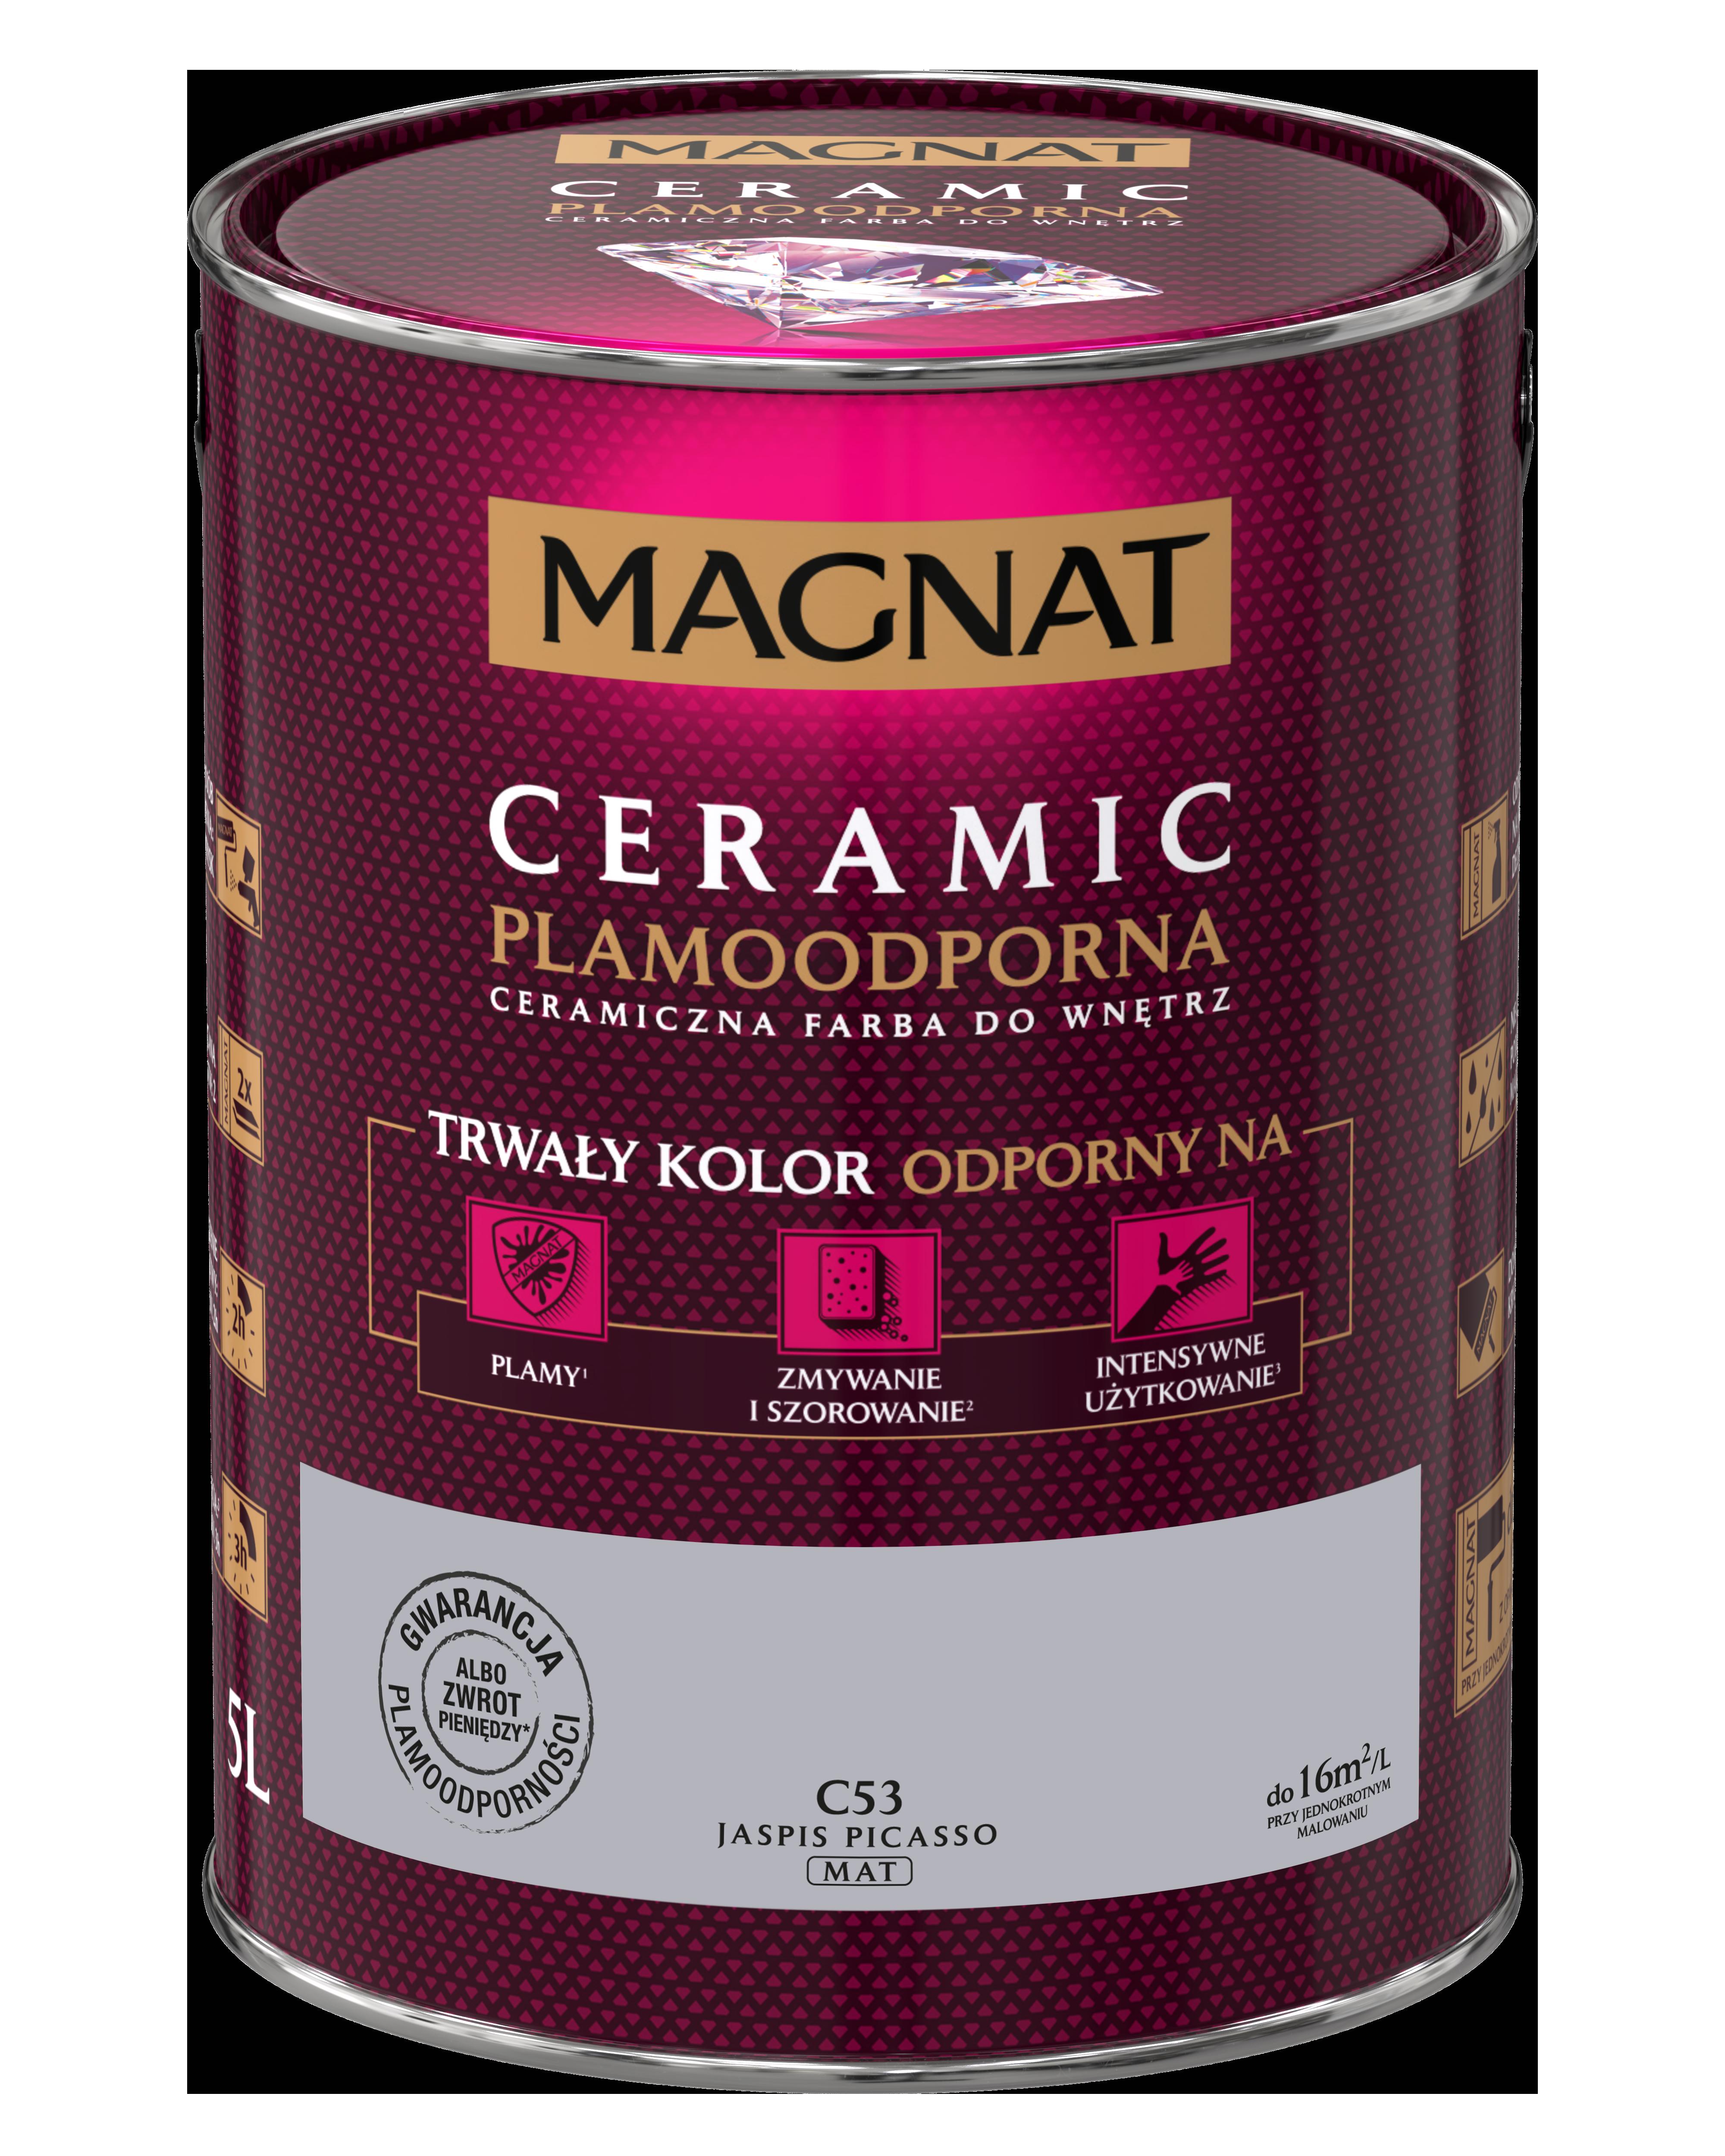 MAGNAT Ceramic C53 jaspis picasso  5L  §